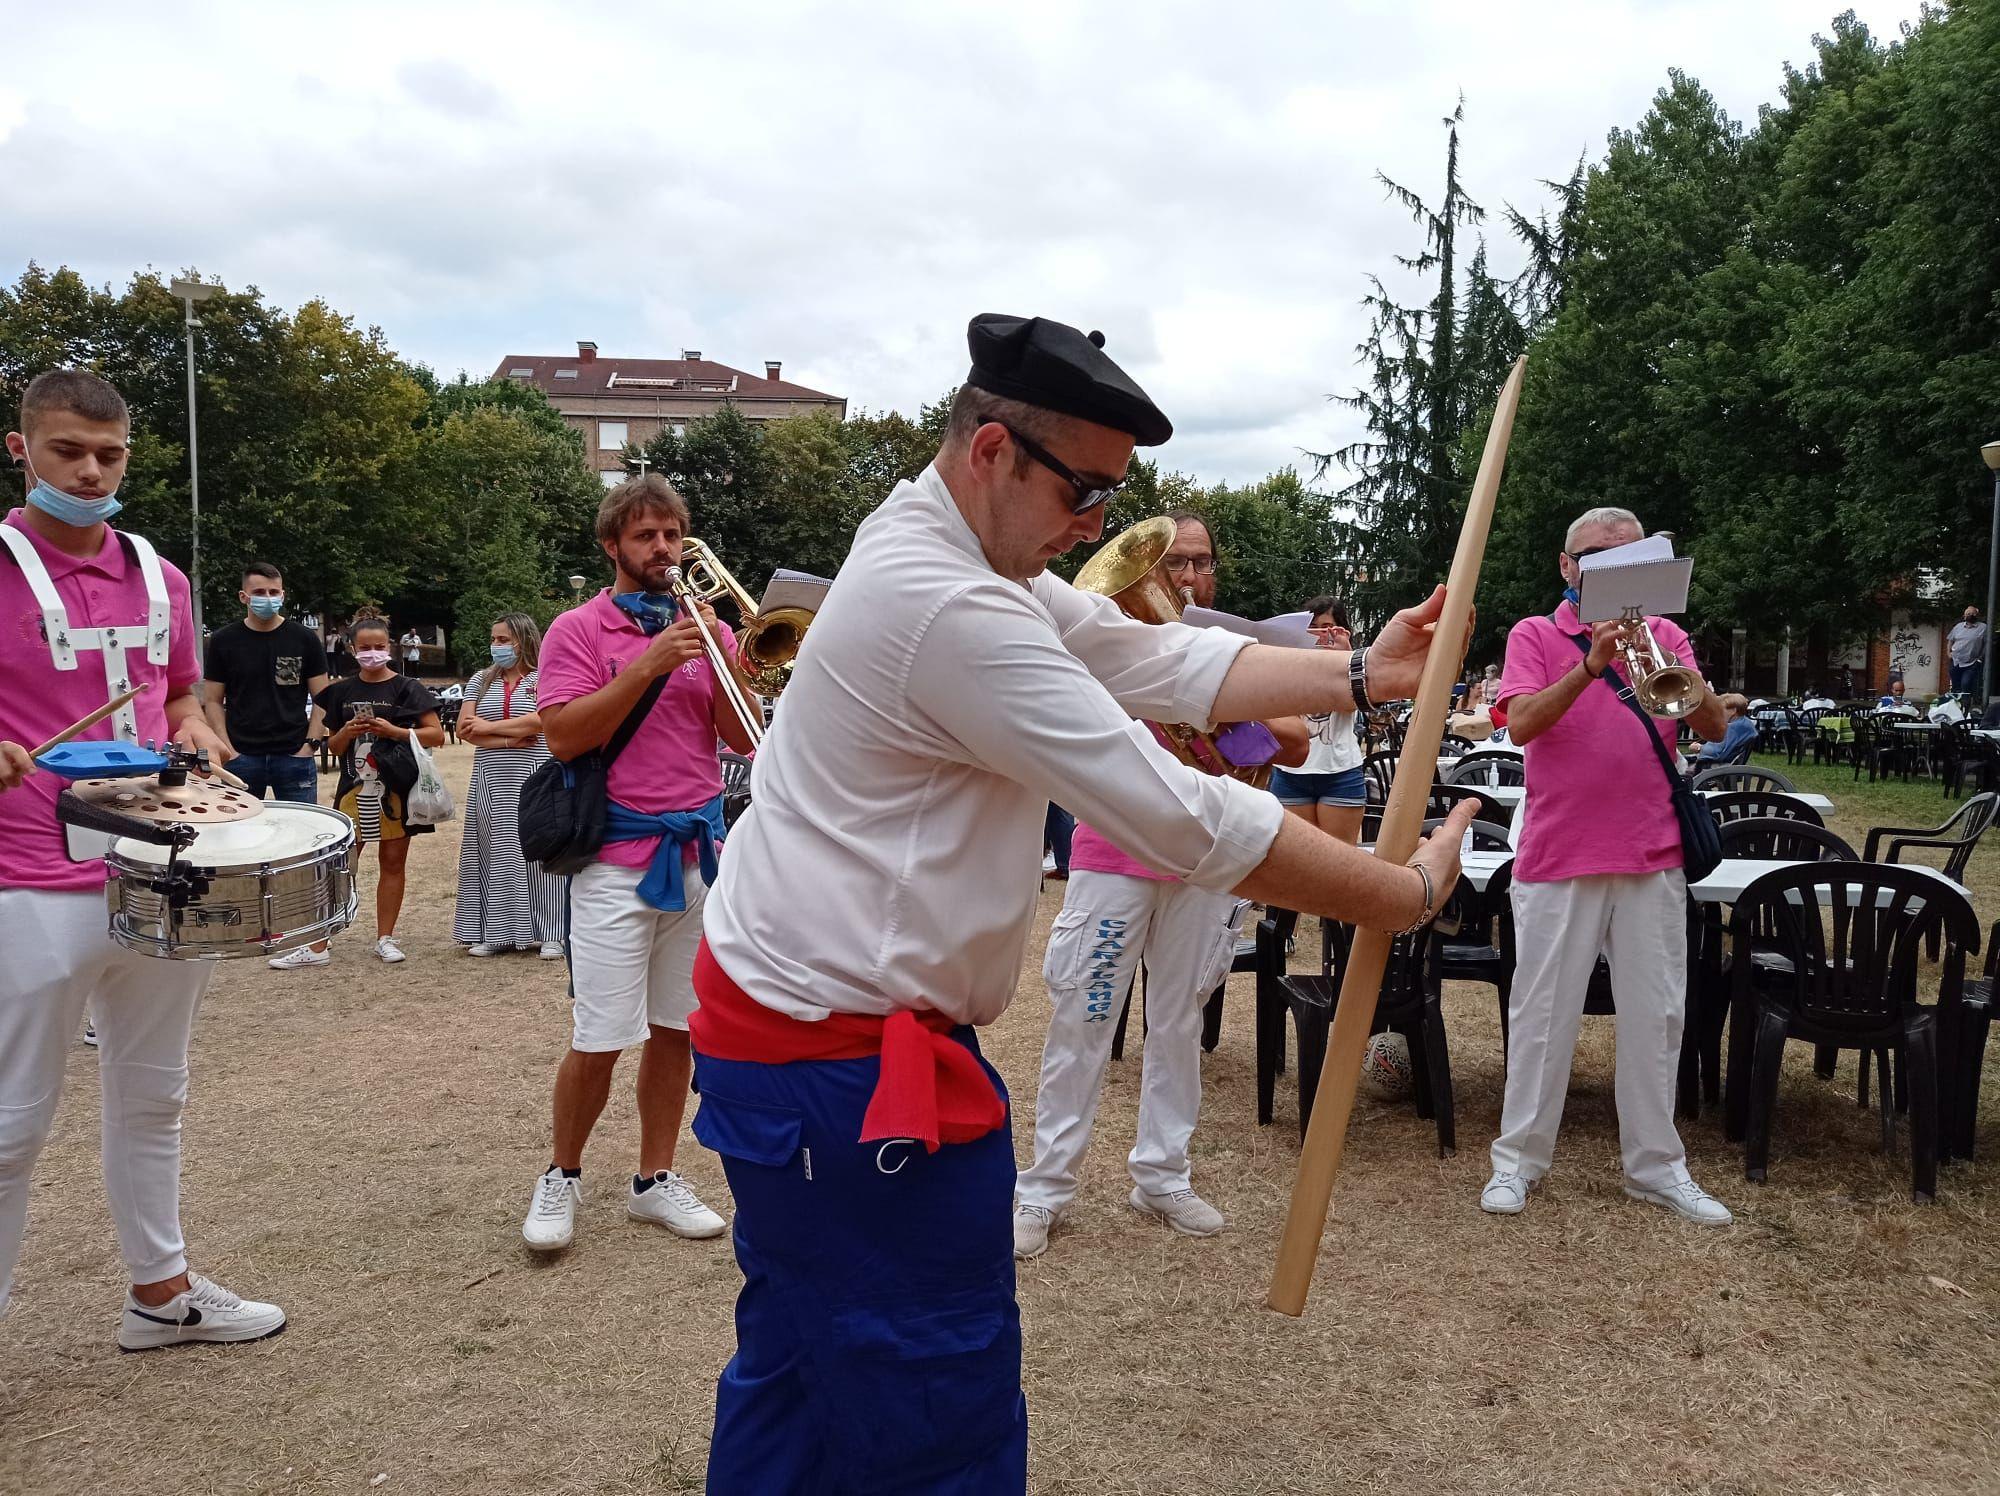 Lugones llena la calle: gigantes y cabezudos, reparto del bollo, charangas y muchas ganas de fiesta por Santa Isabel